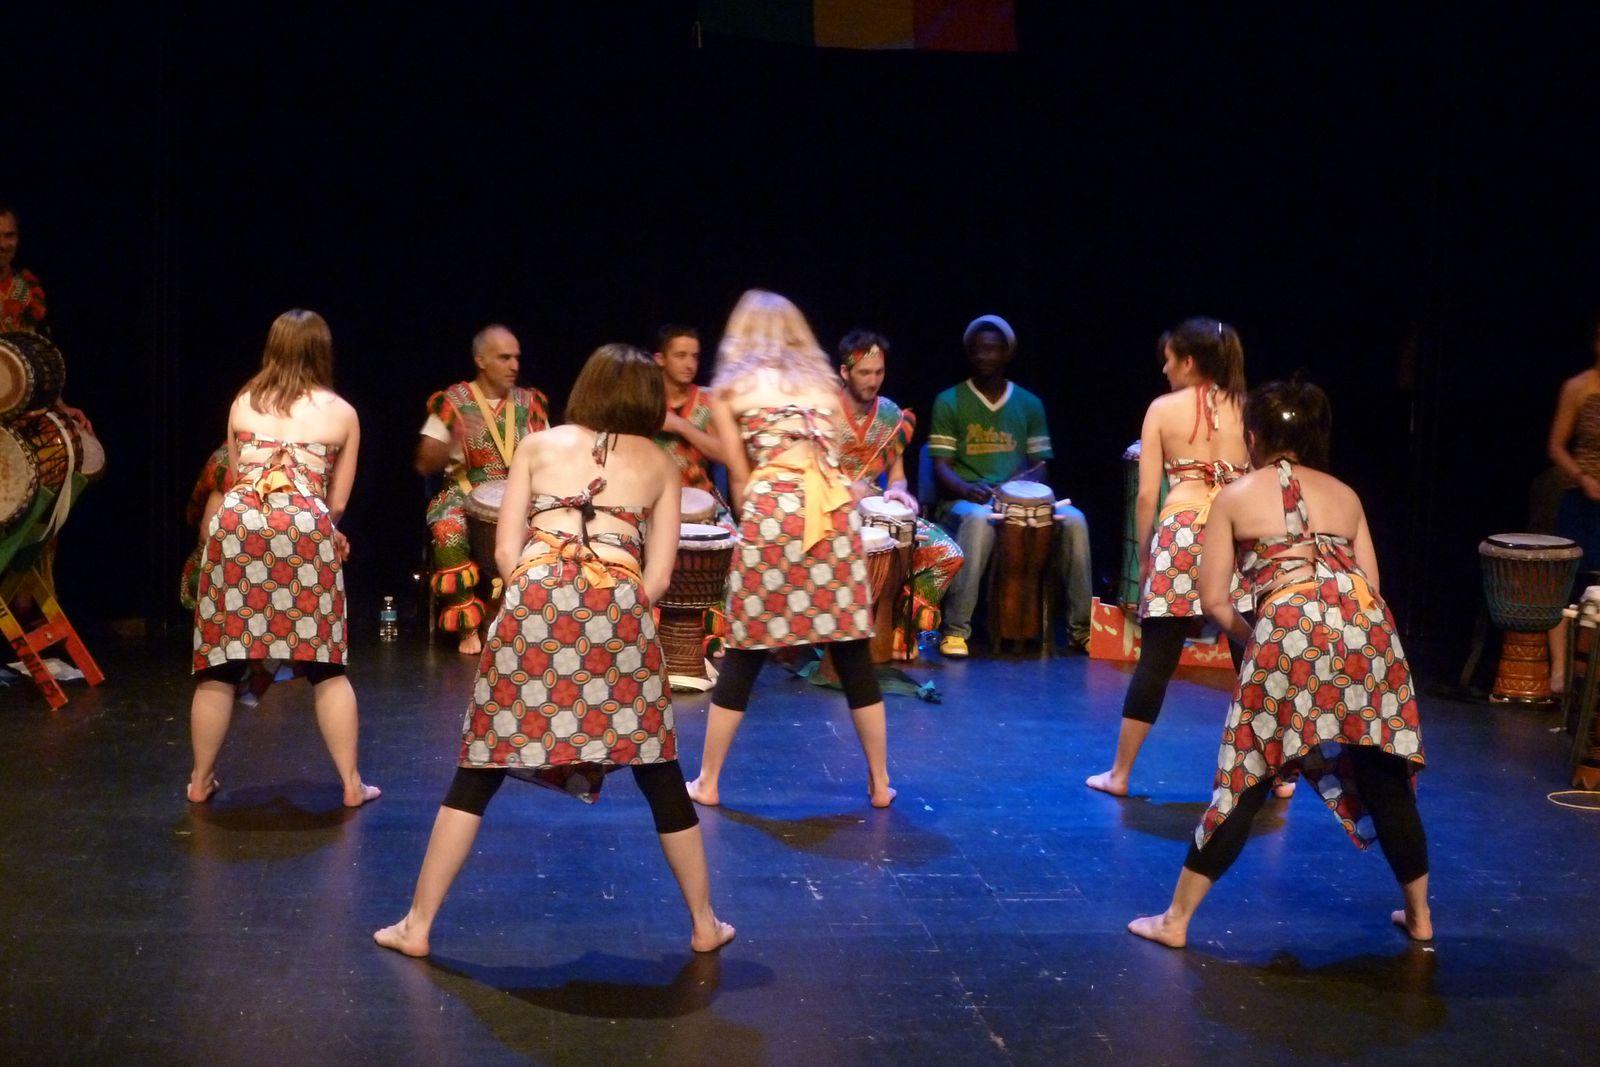 Spectacle de Djembé Sacré juin 2013 M3Q Poitiers- Corps Peau R'Ailes #Djembé #danseafricaine #percussions